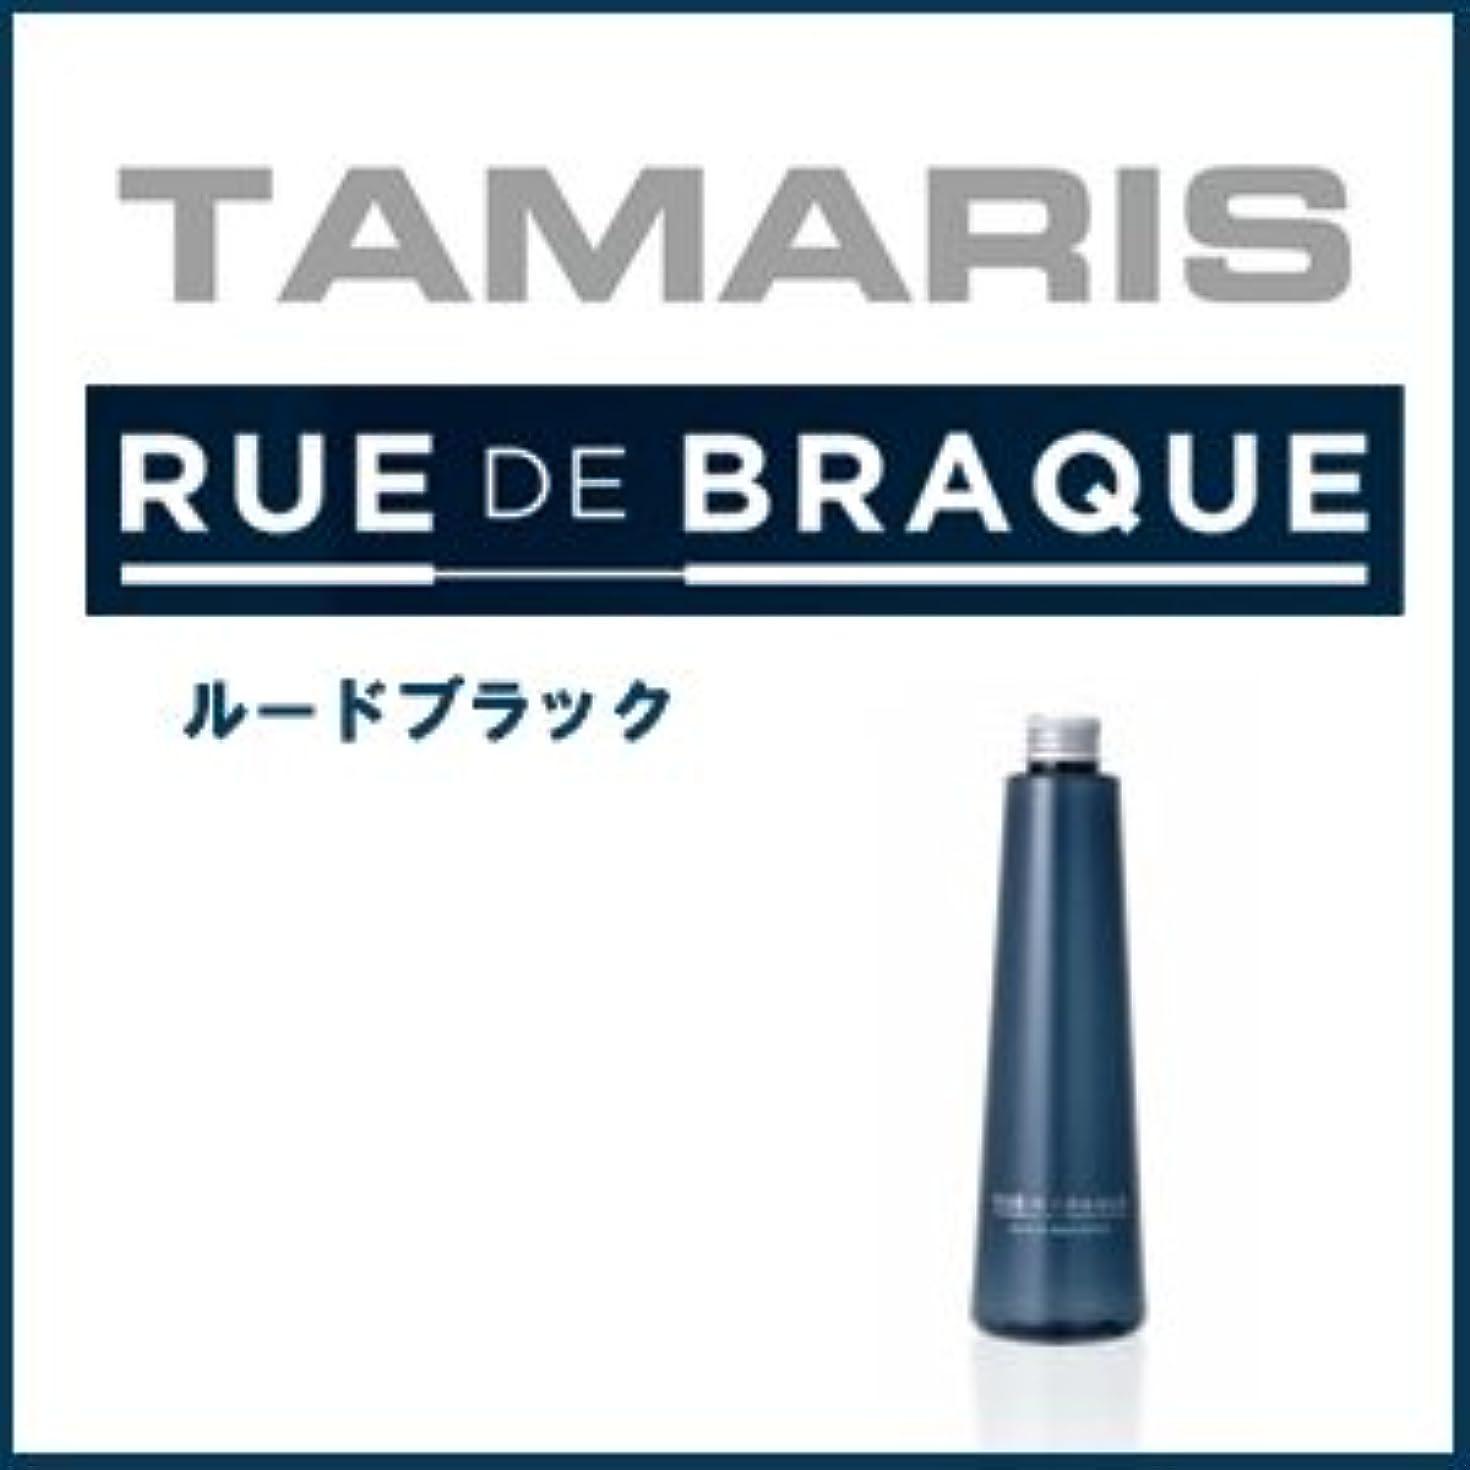 比較的振るう適応【X2個セット】 タマリス ルードブラック スキャルプシャンプー 300ml 容器入り